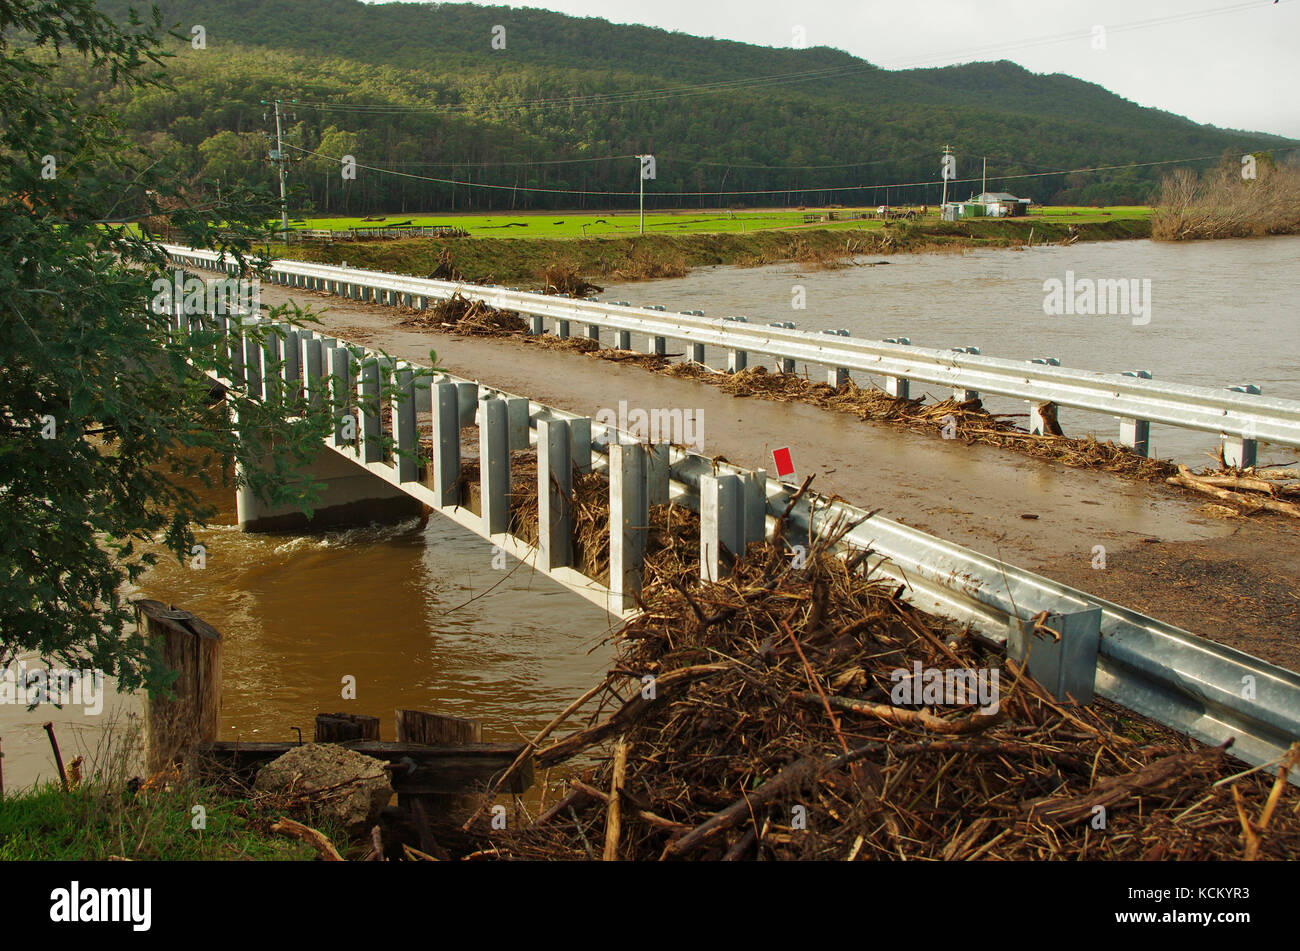 Flood debris washed up against Lamberts Bridge as flood waters recede. Mersey River Valley, northwestern Tasmania, - Stock Image